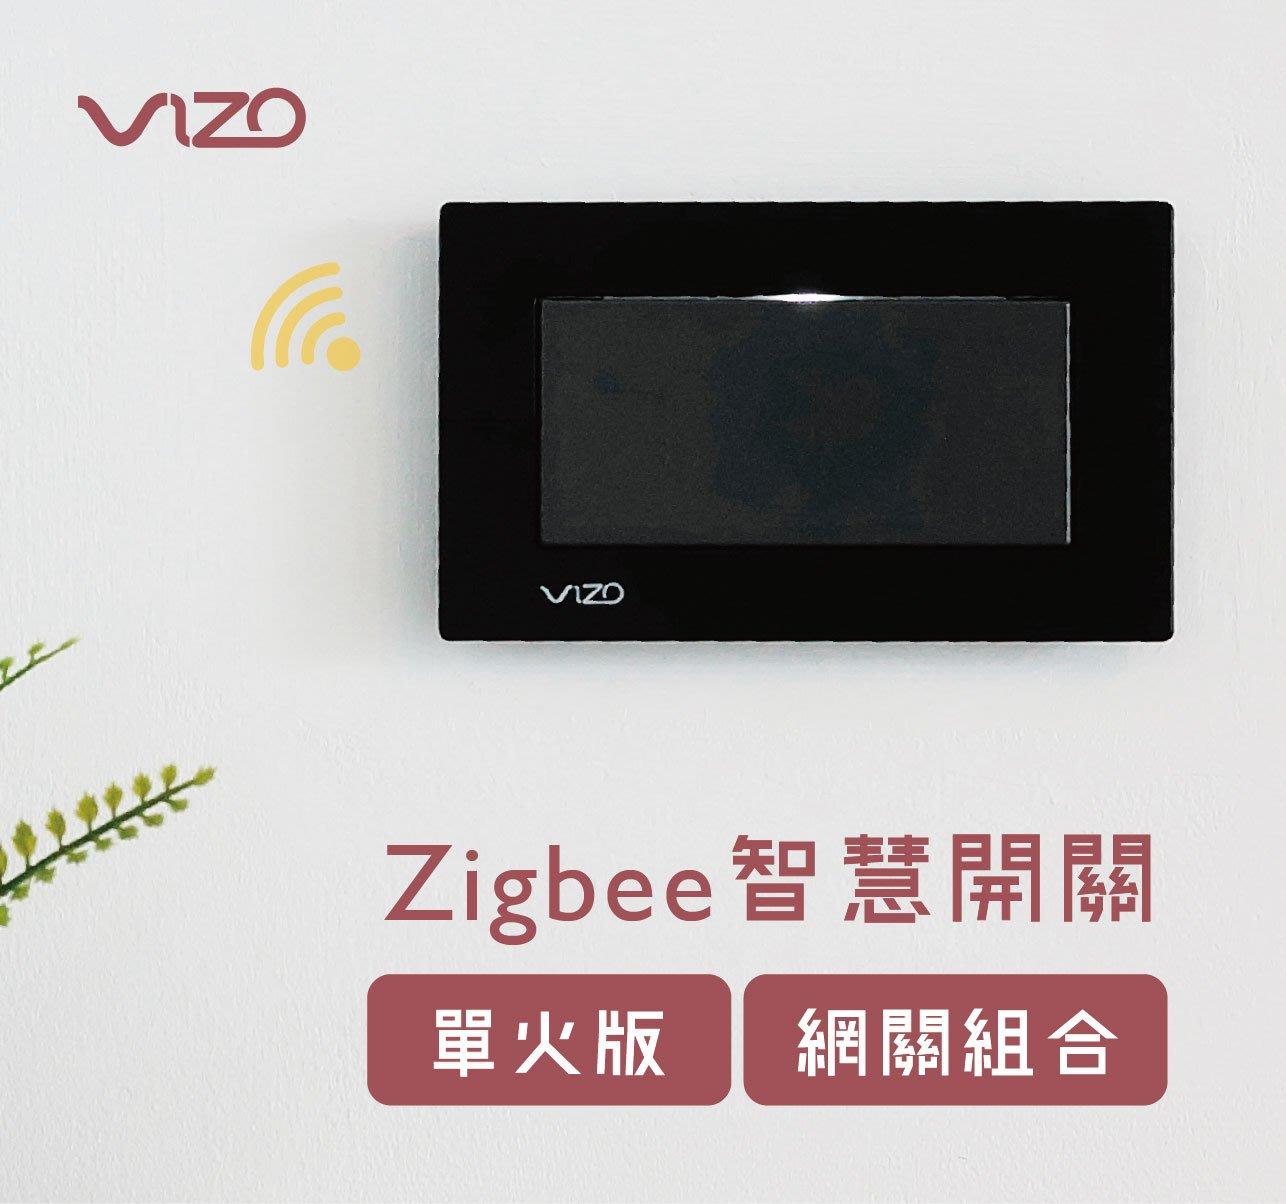 搭配網關組合更優惠 [單按鍵開關]尊爵黑 VIZO Zigbee單火線版智慧開關